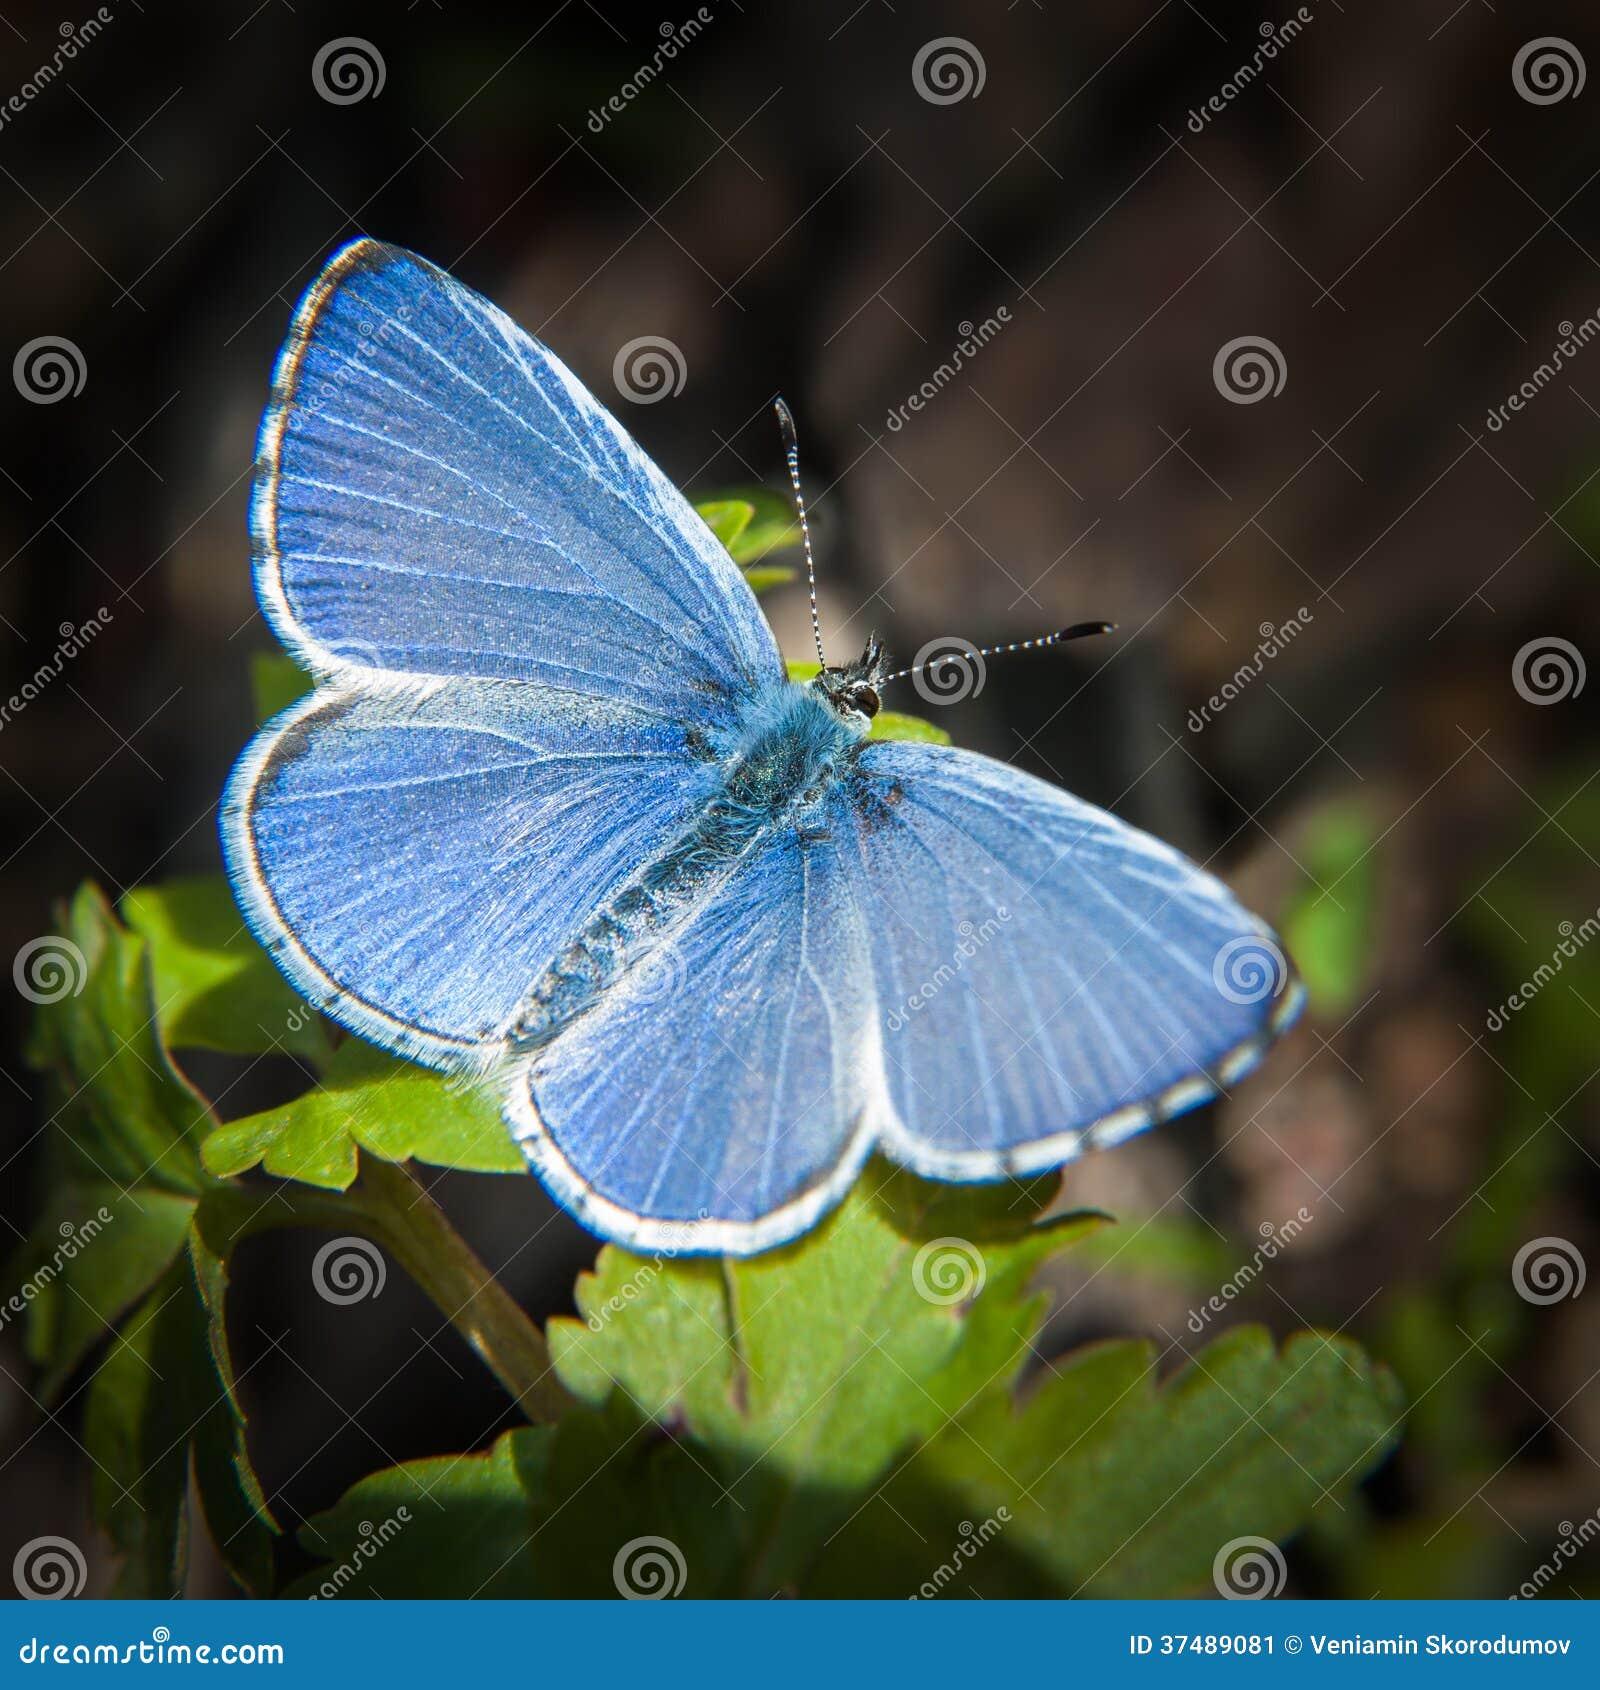 21 mooie kleurrijke vlinder - photo #32